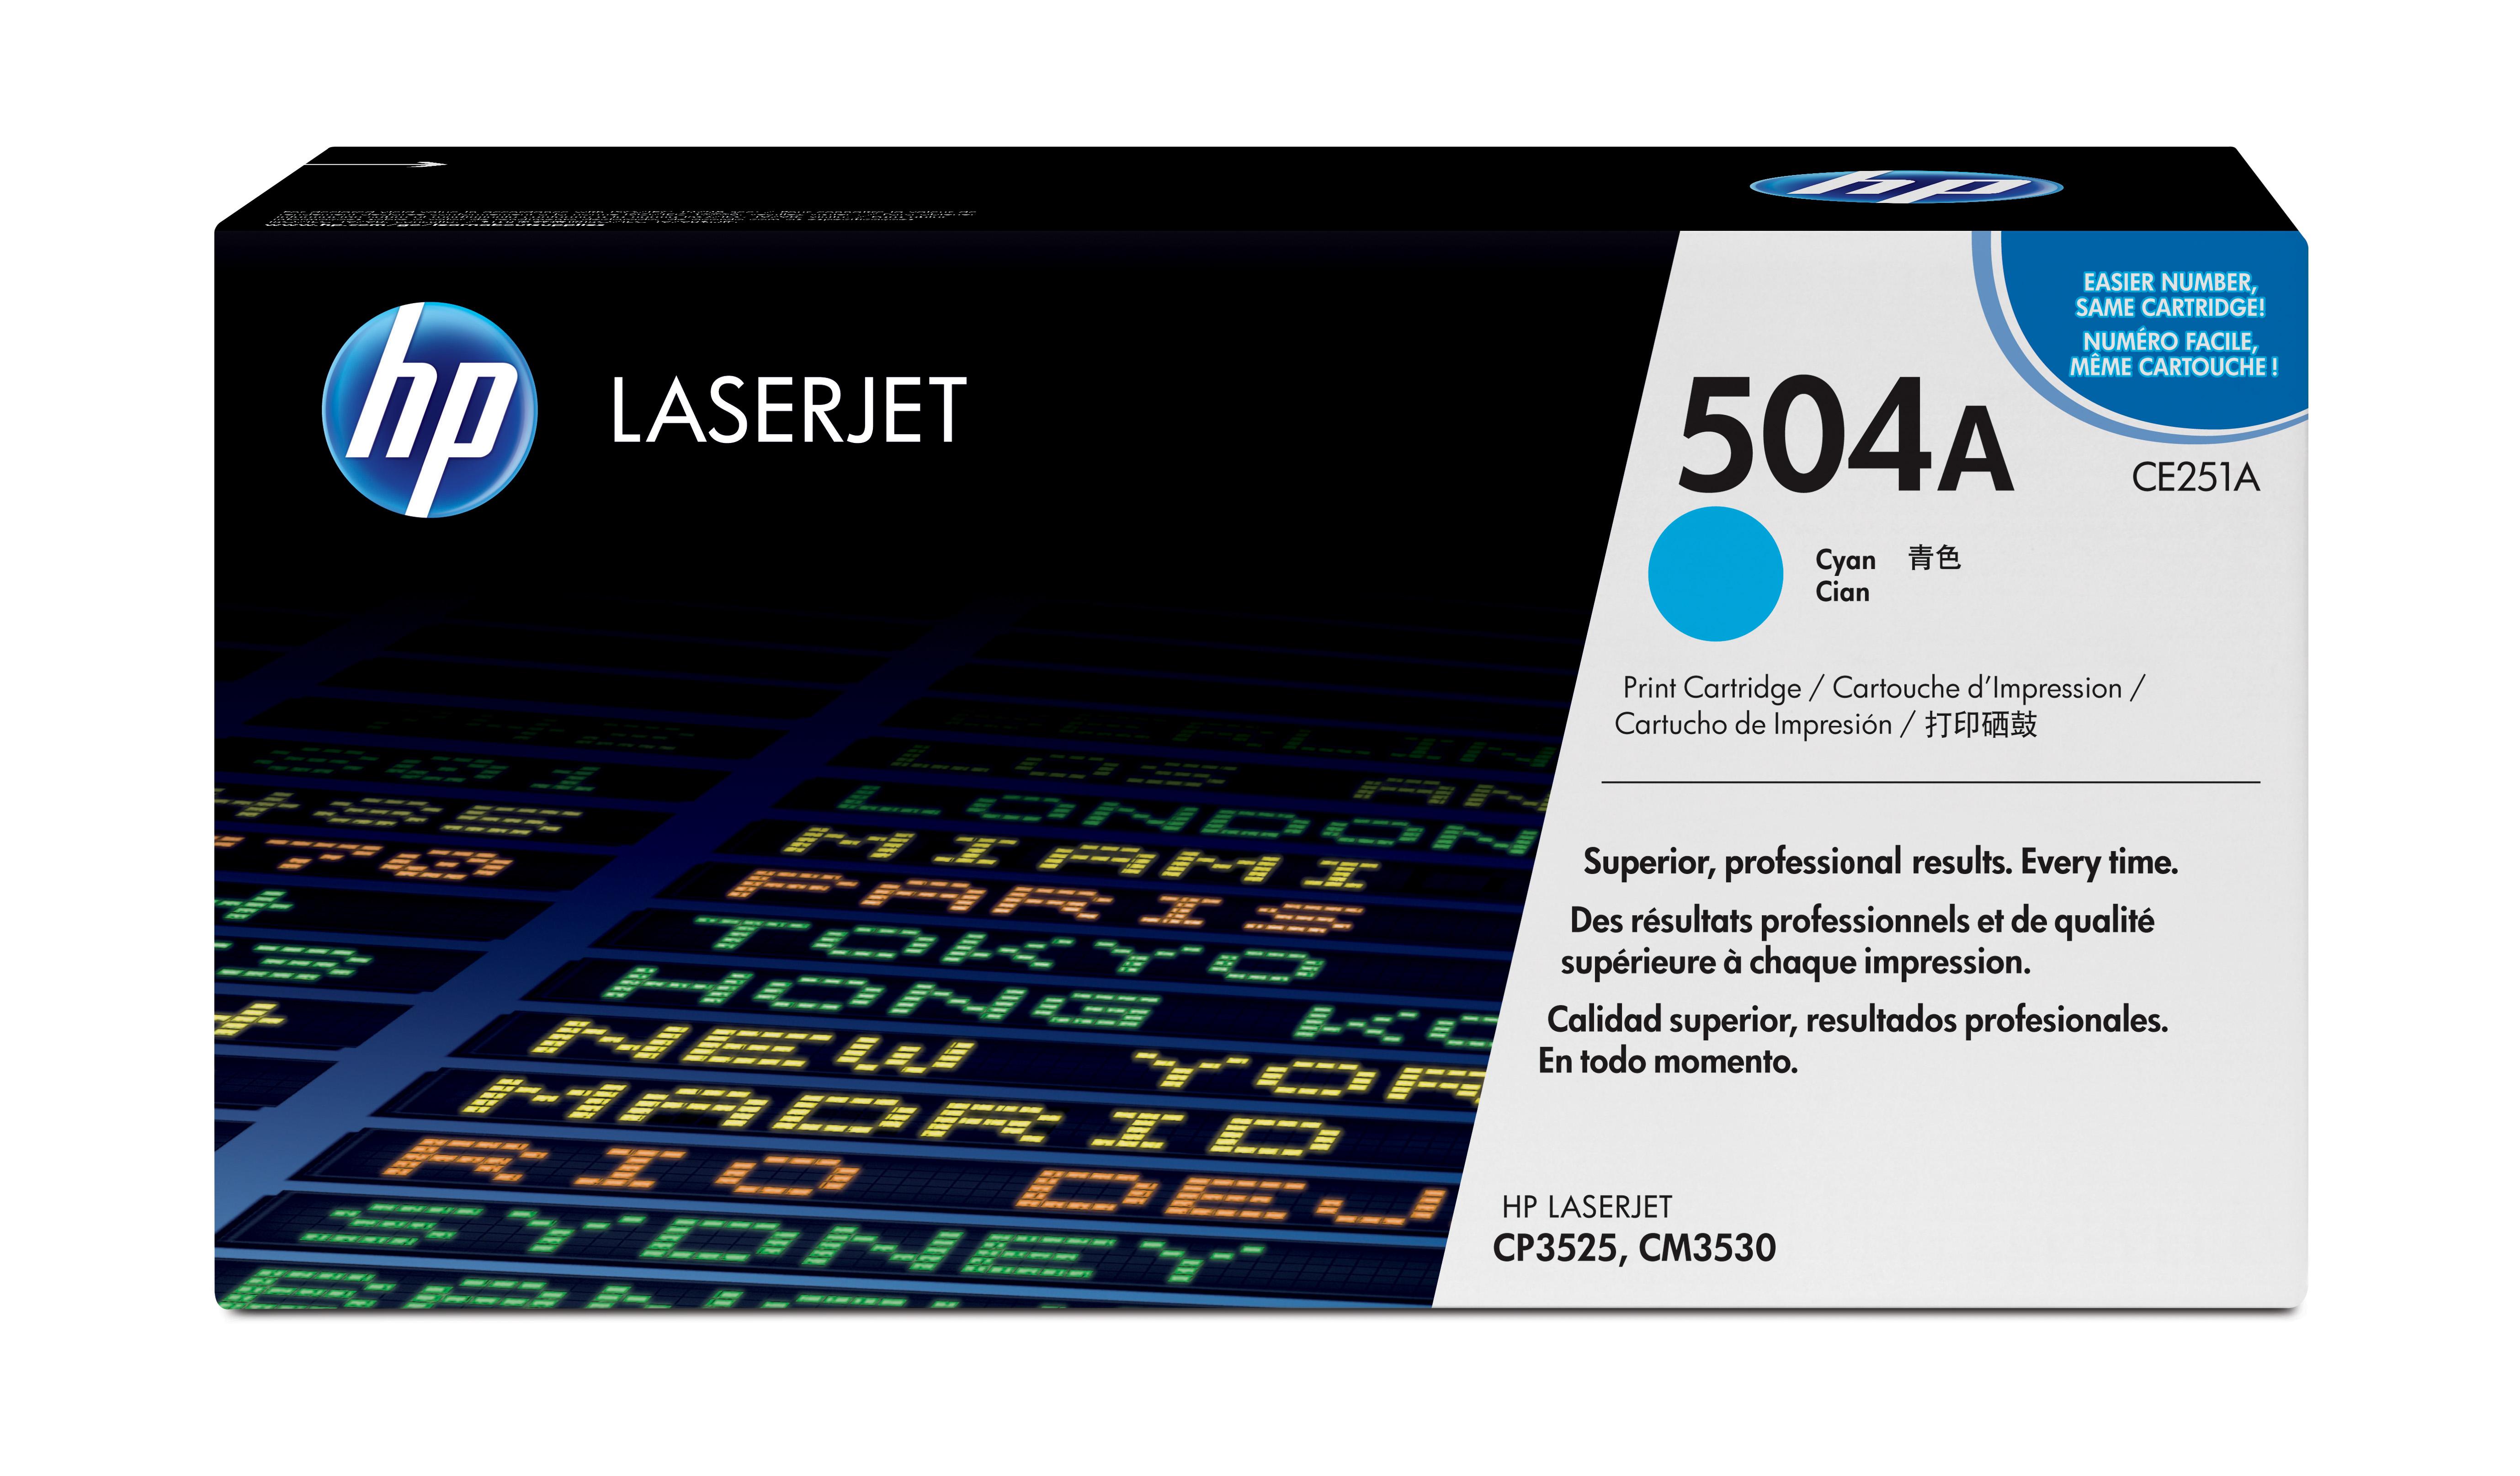 Toner láser HP 504A (CE251A) Cyan